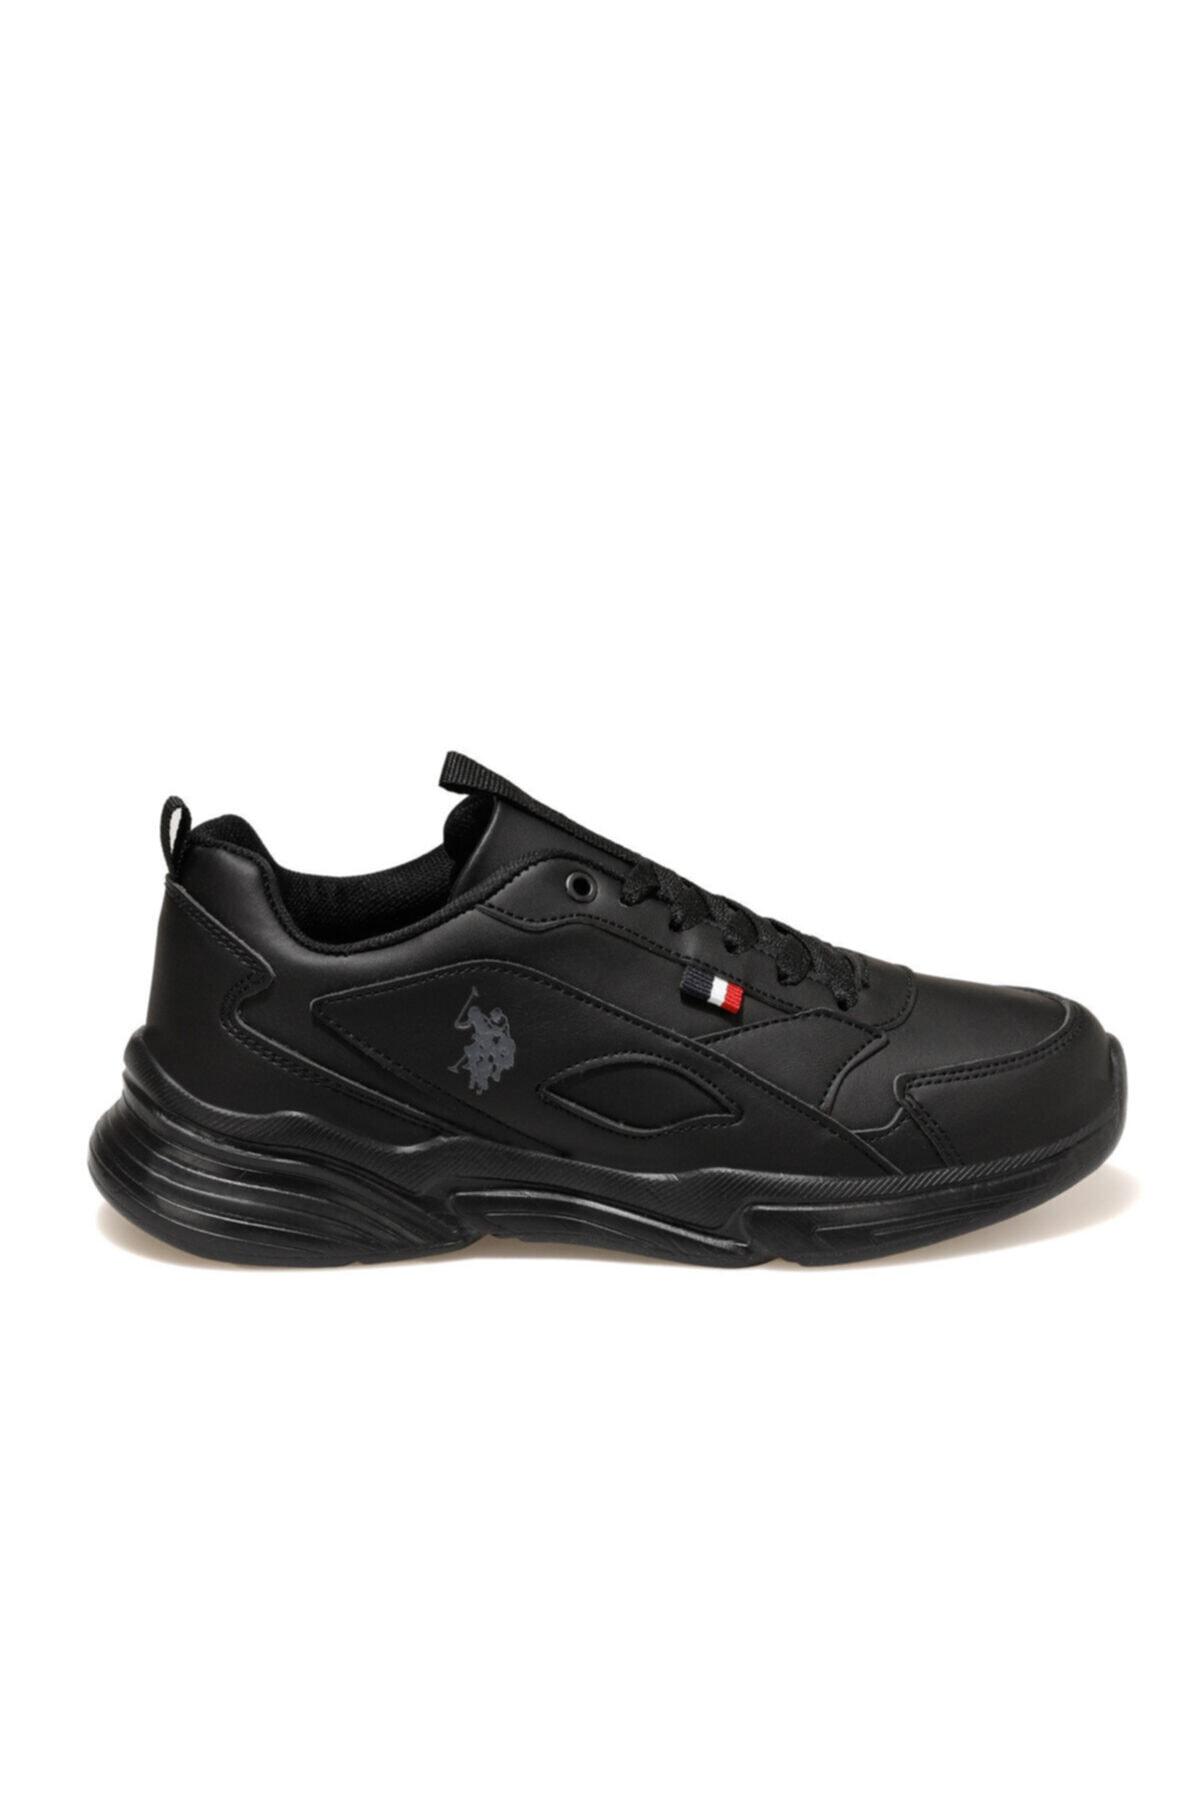 U.S. Polo Assn. LEMON Siyah Kadın Sneaker Ayakkabı 100549061 2